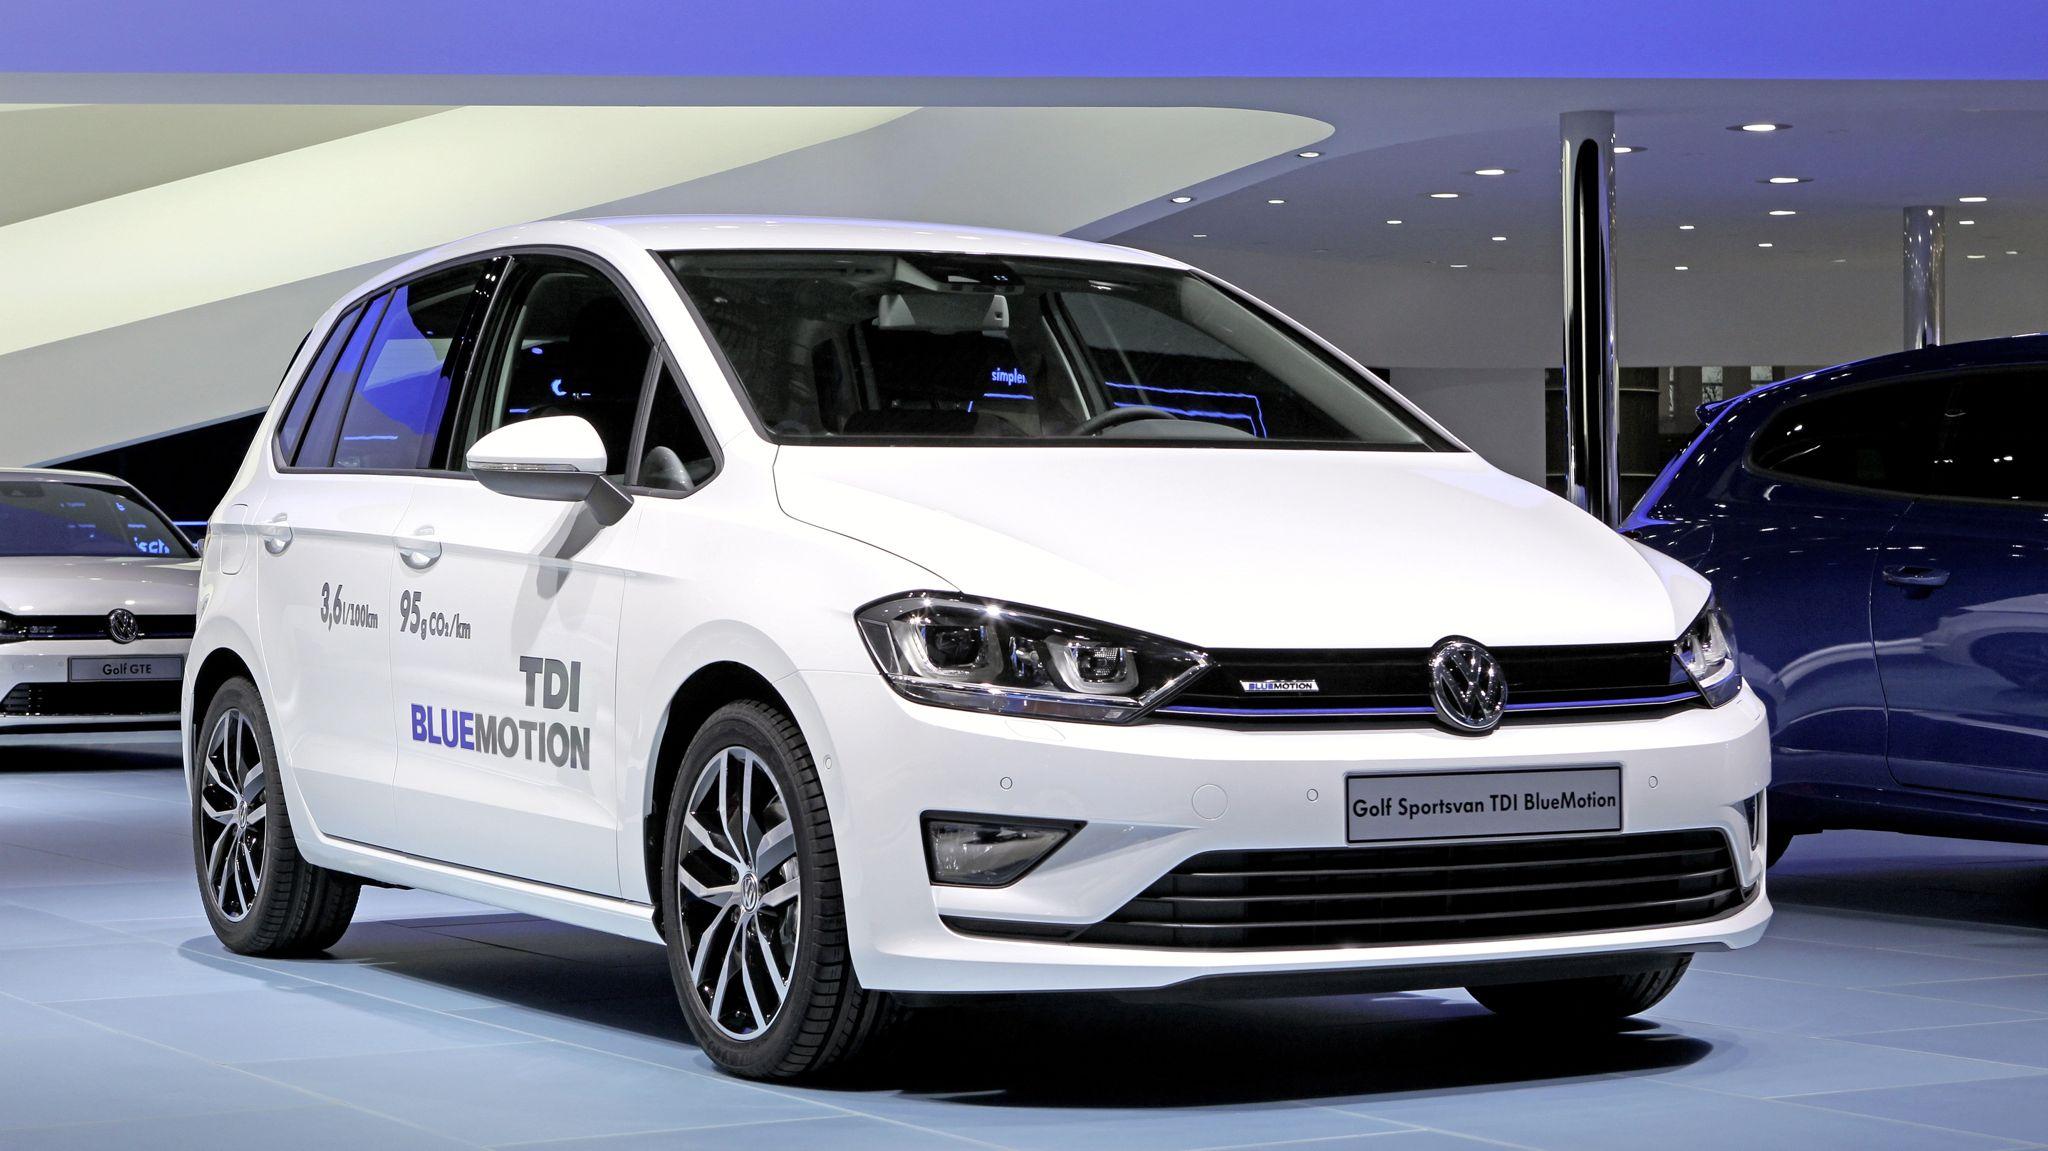 Preise für den neuen Golf Sportsvan BlueMotion TDI beginnen bei 24.125 Euro